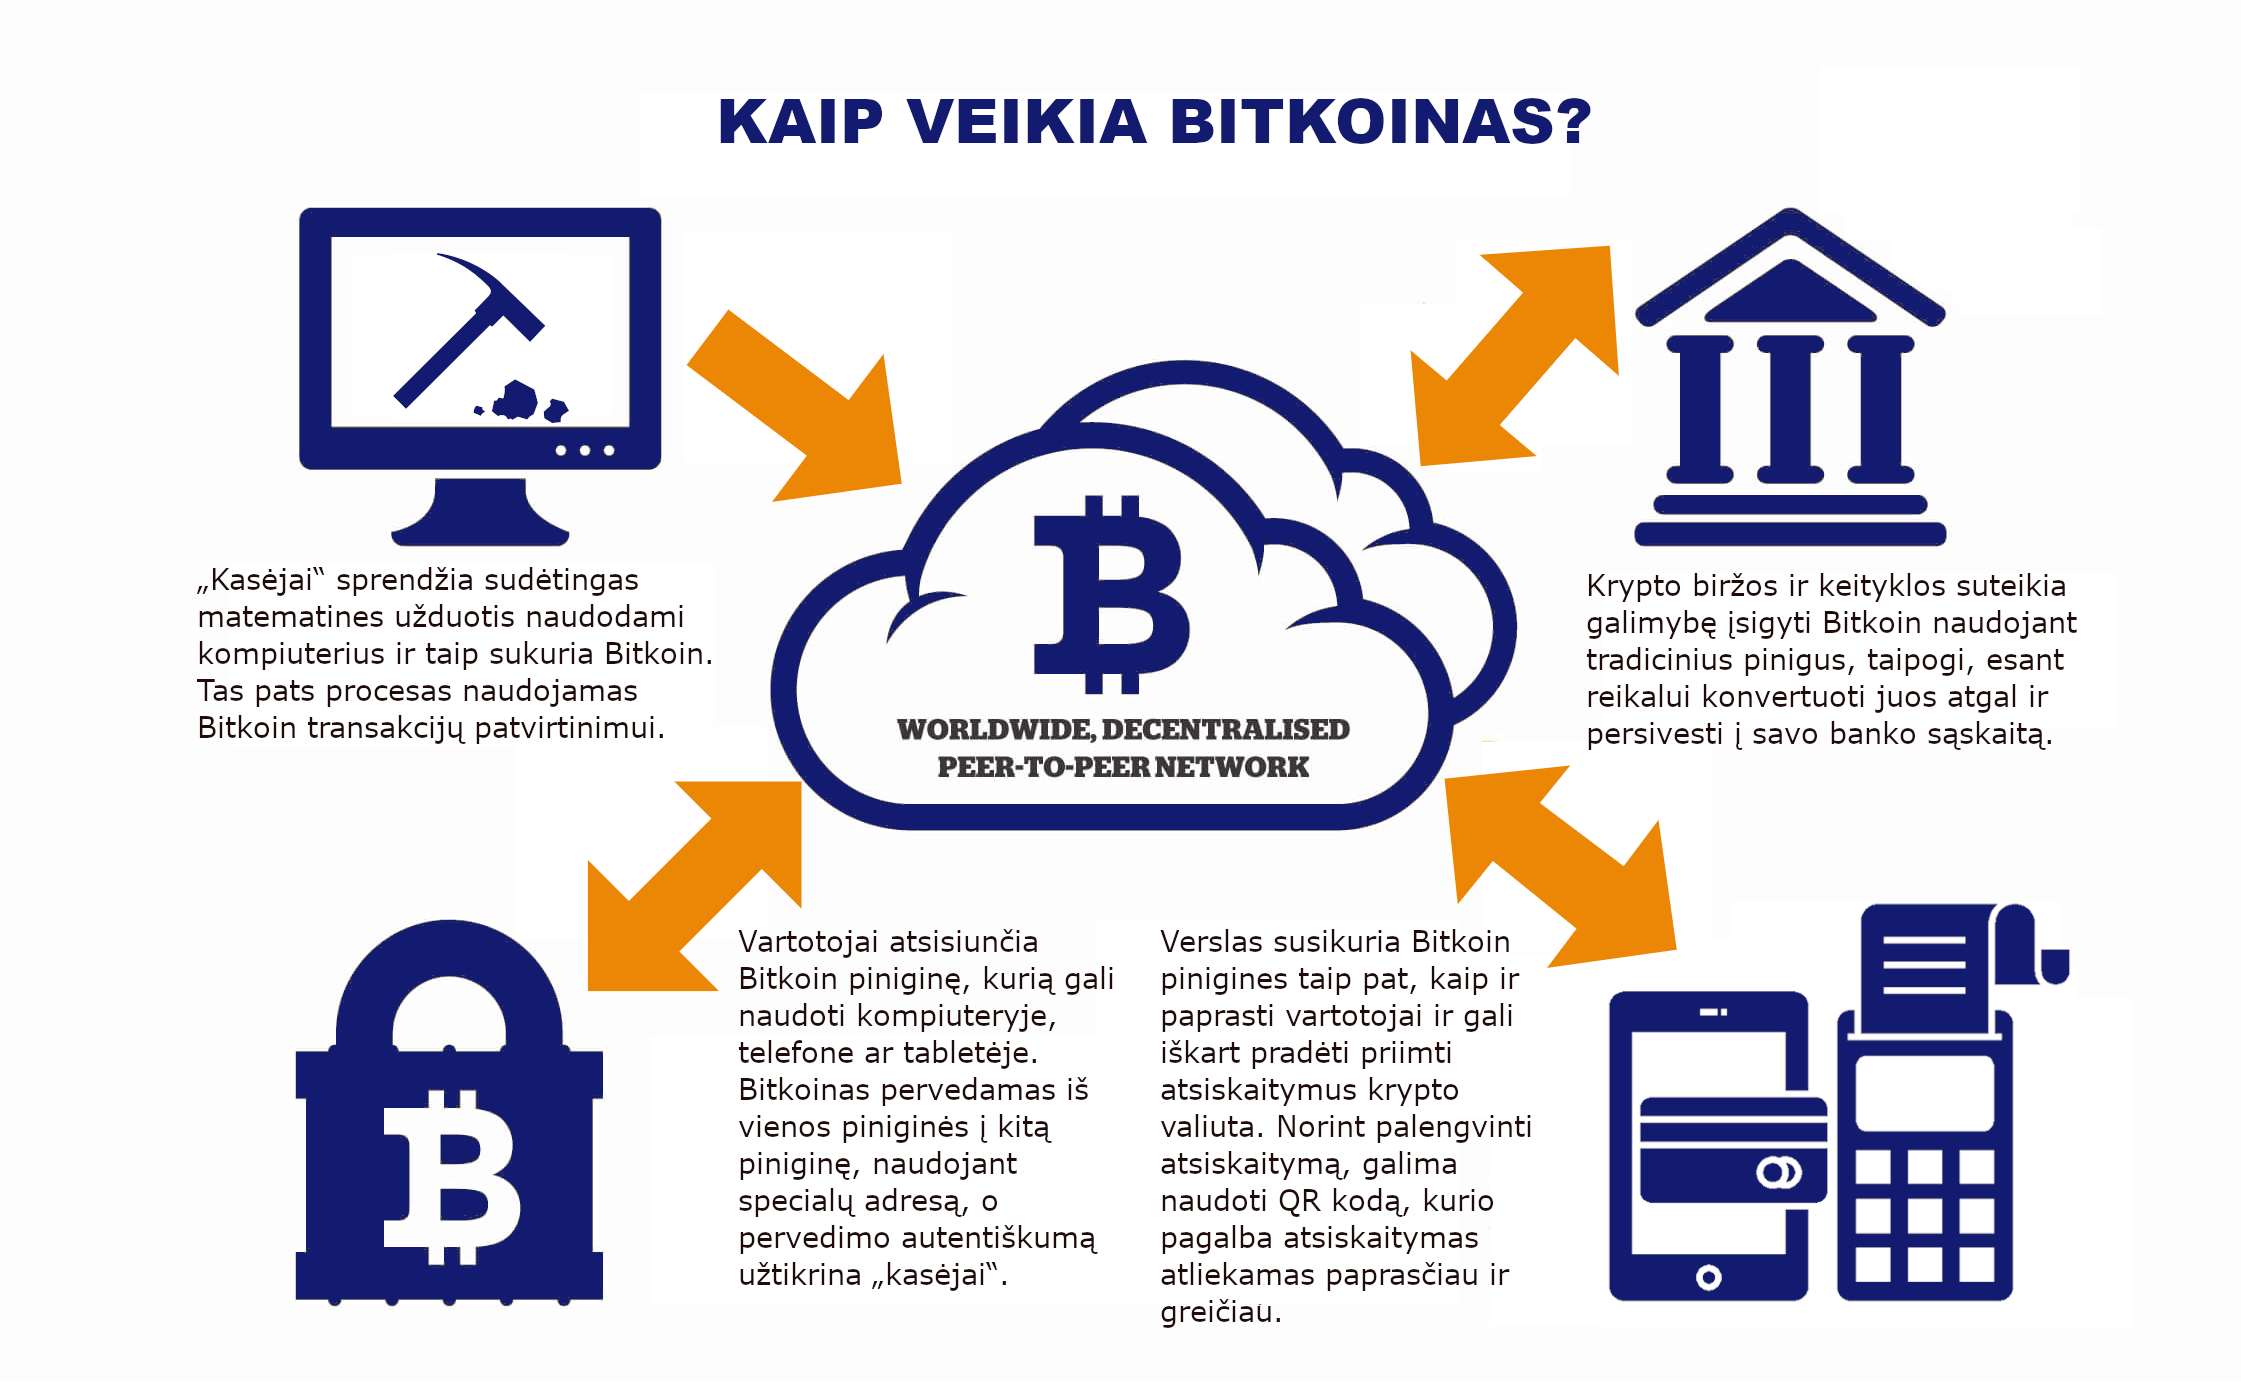 kaip praneti savo bankui kad prekiauju bitkoinais prekyba turi pasirinkimo galimybių